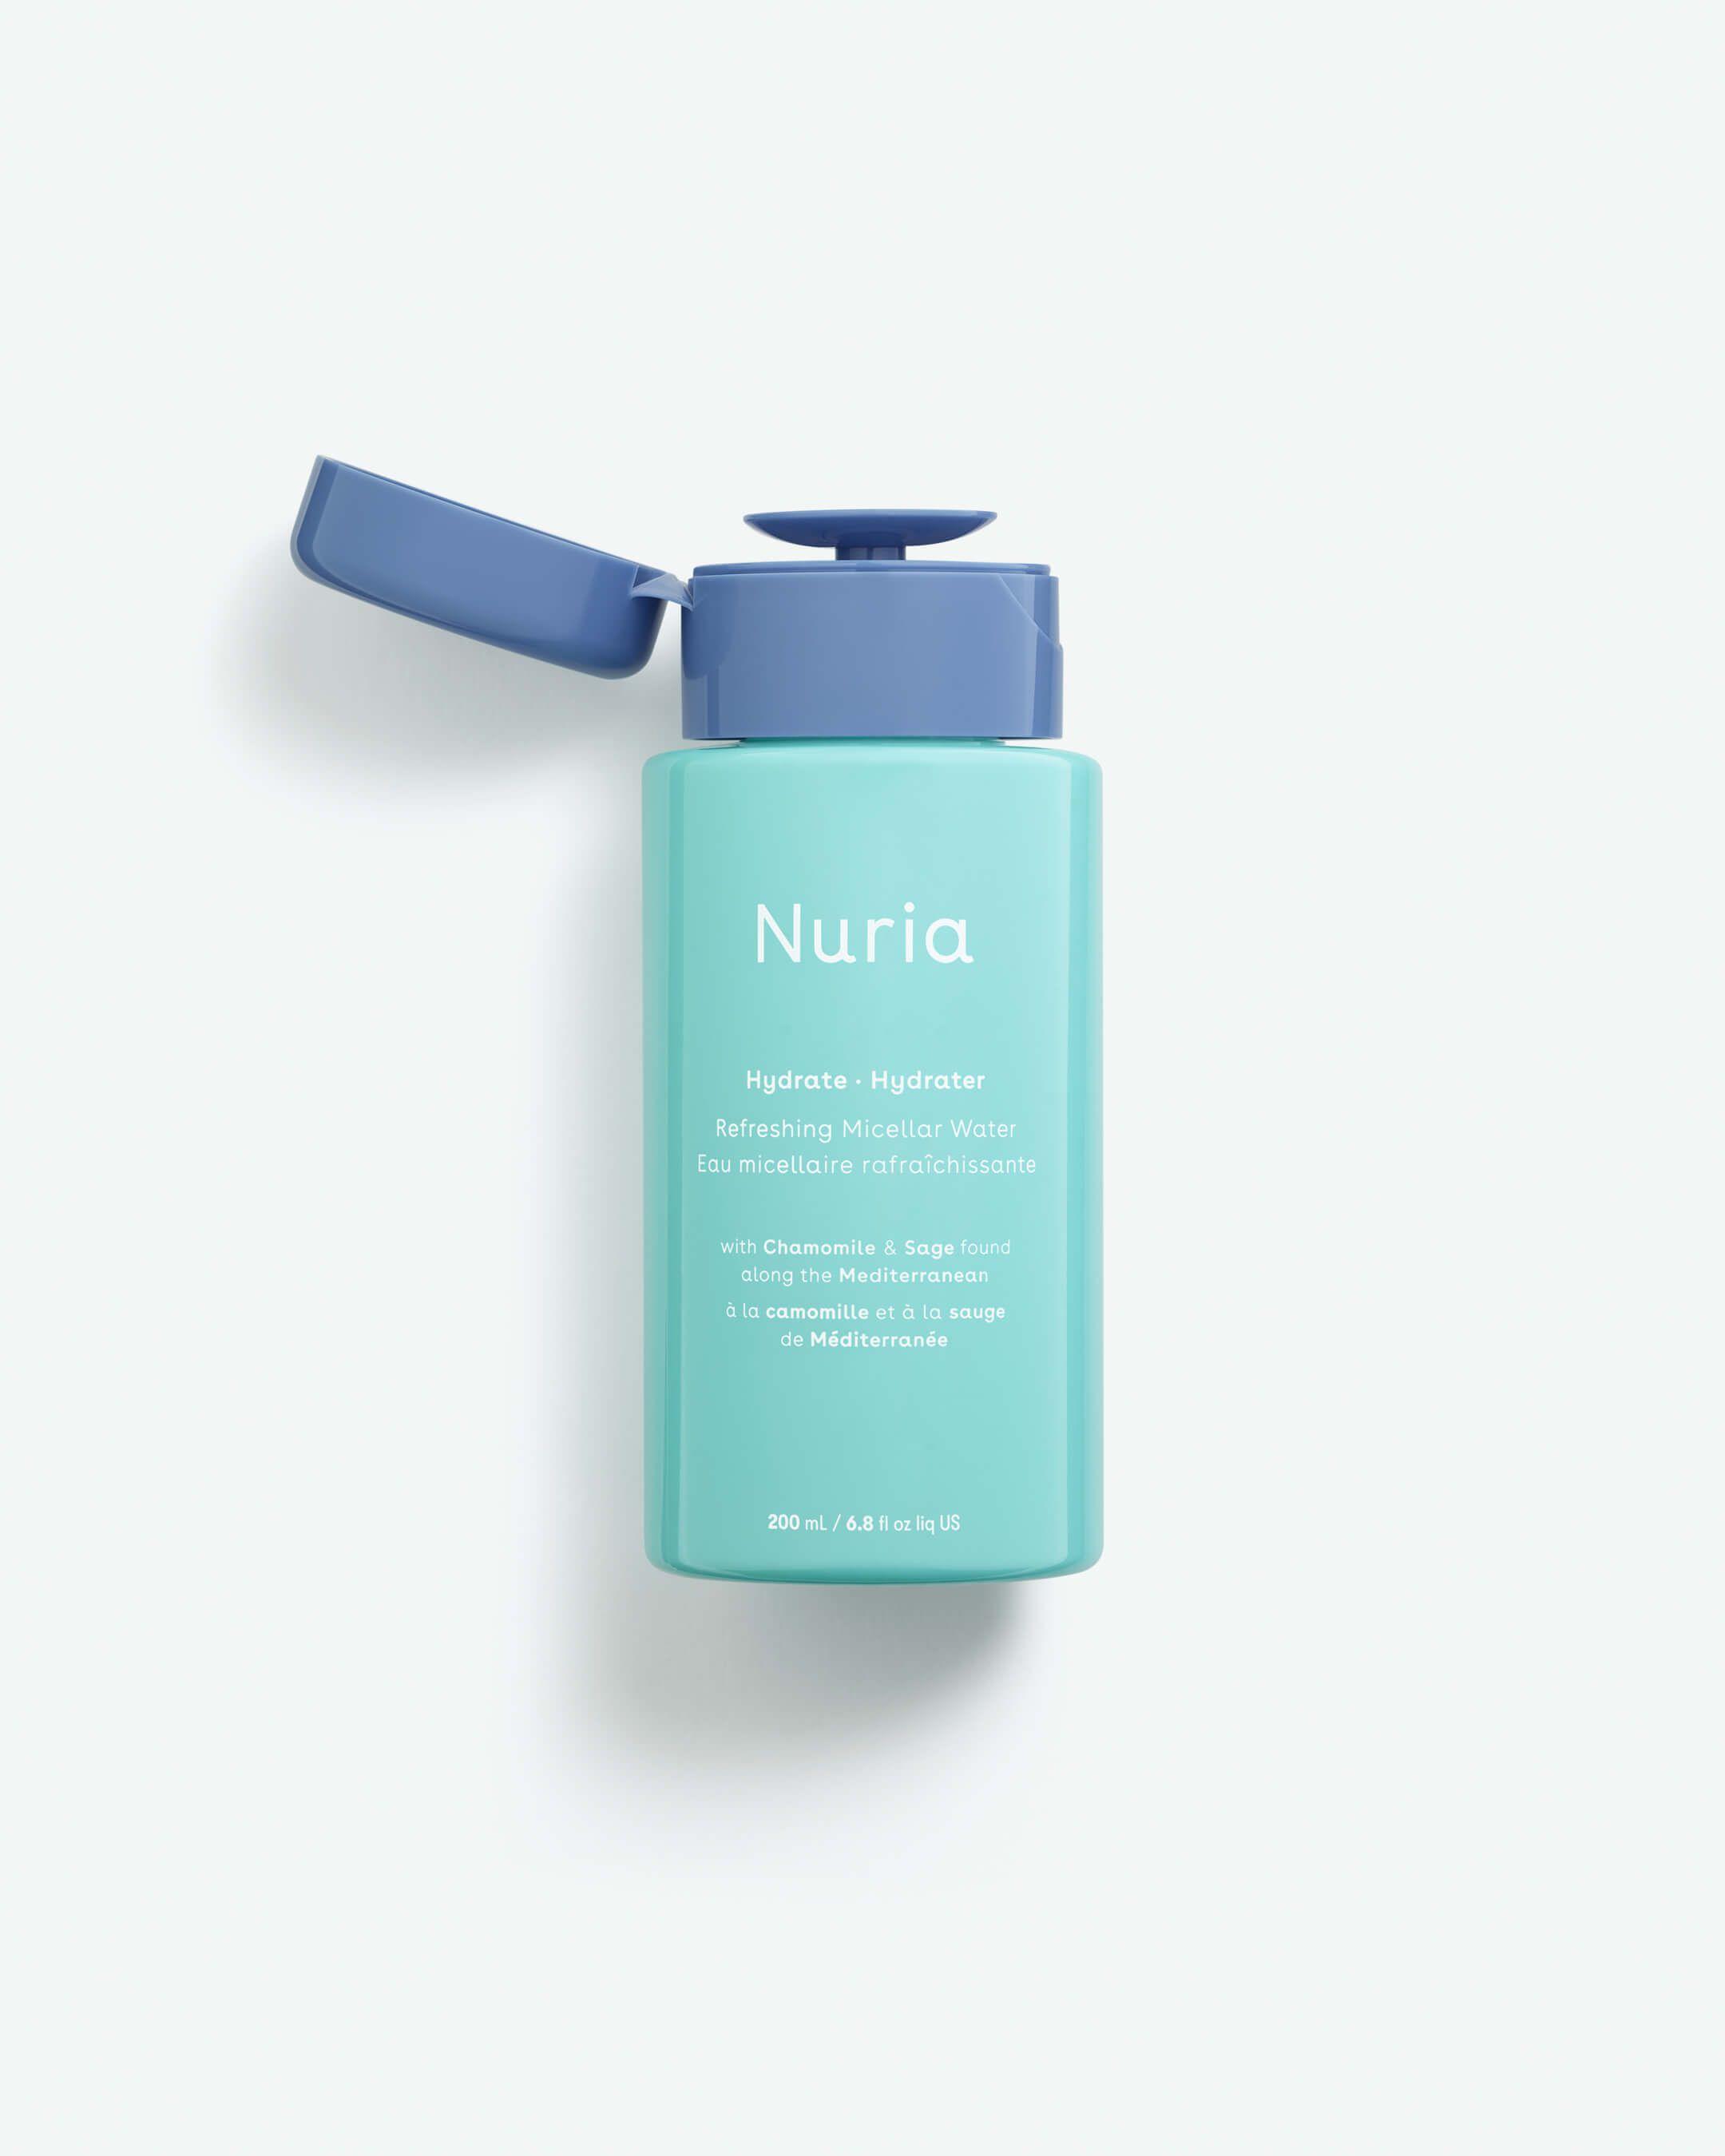 Nuria Refreshing Micellar Water